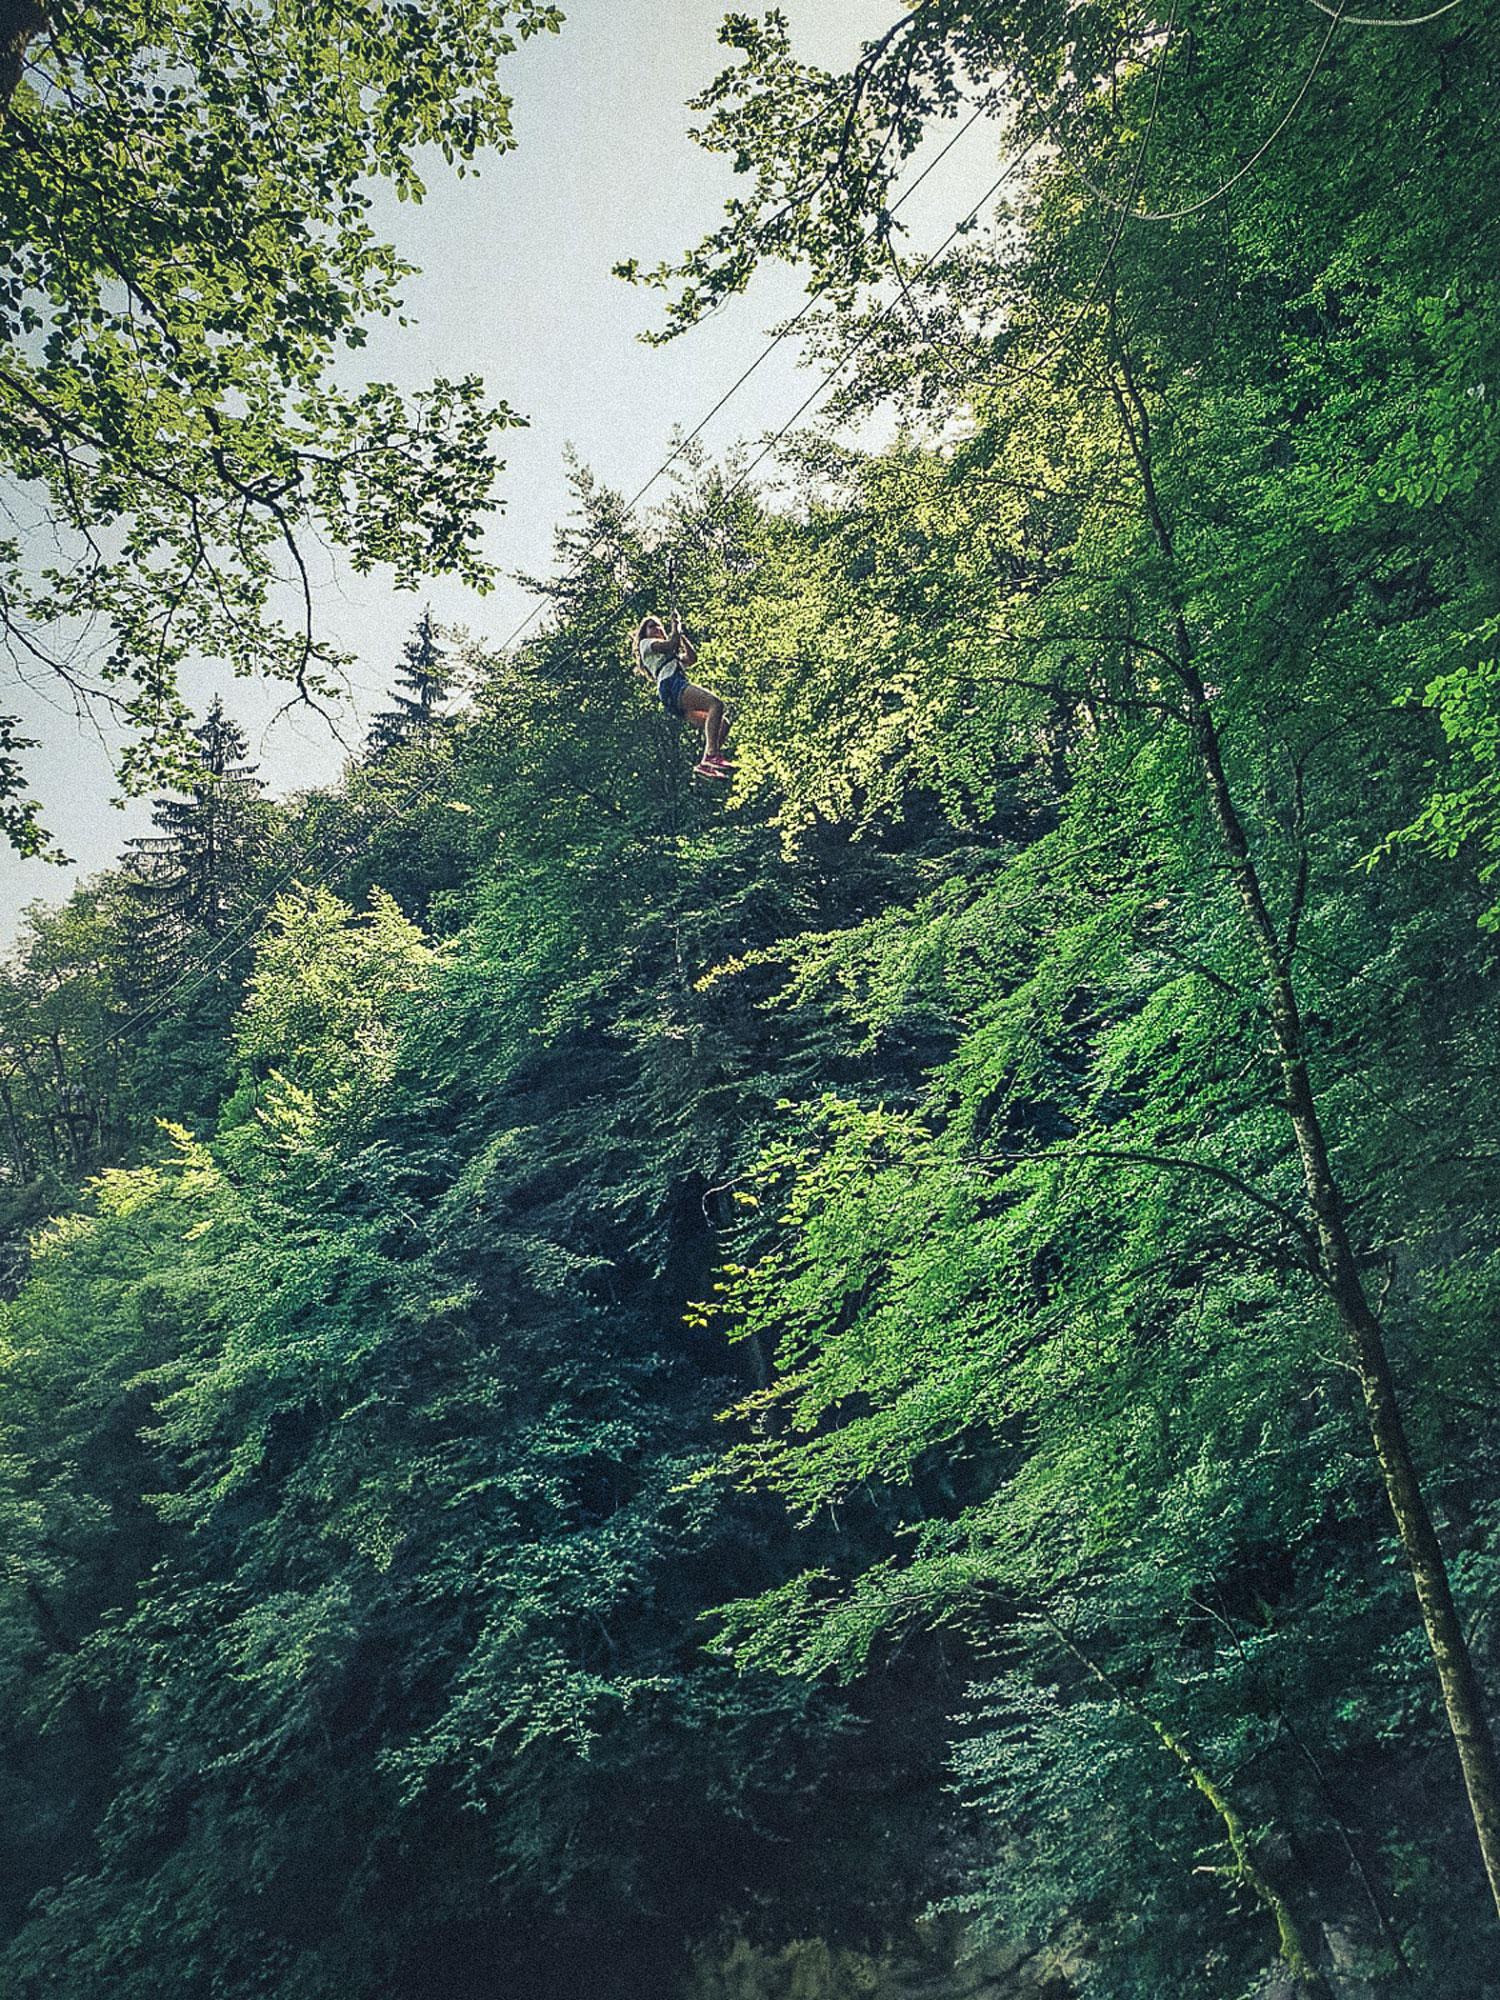 Tyrolienne sur le site de la grotte et des cascades de Seythenex près d'Annecy